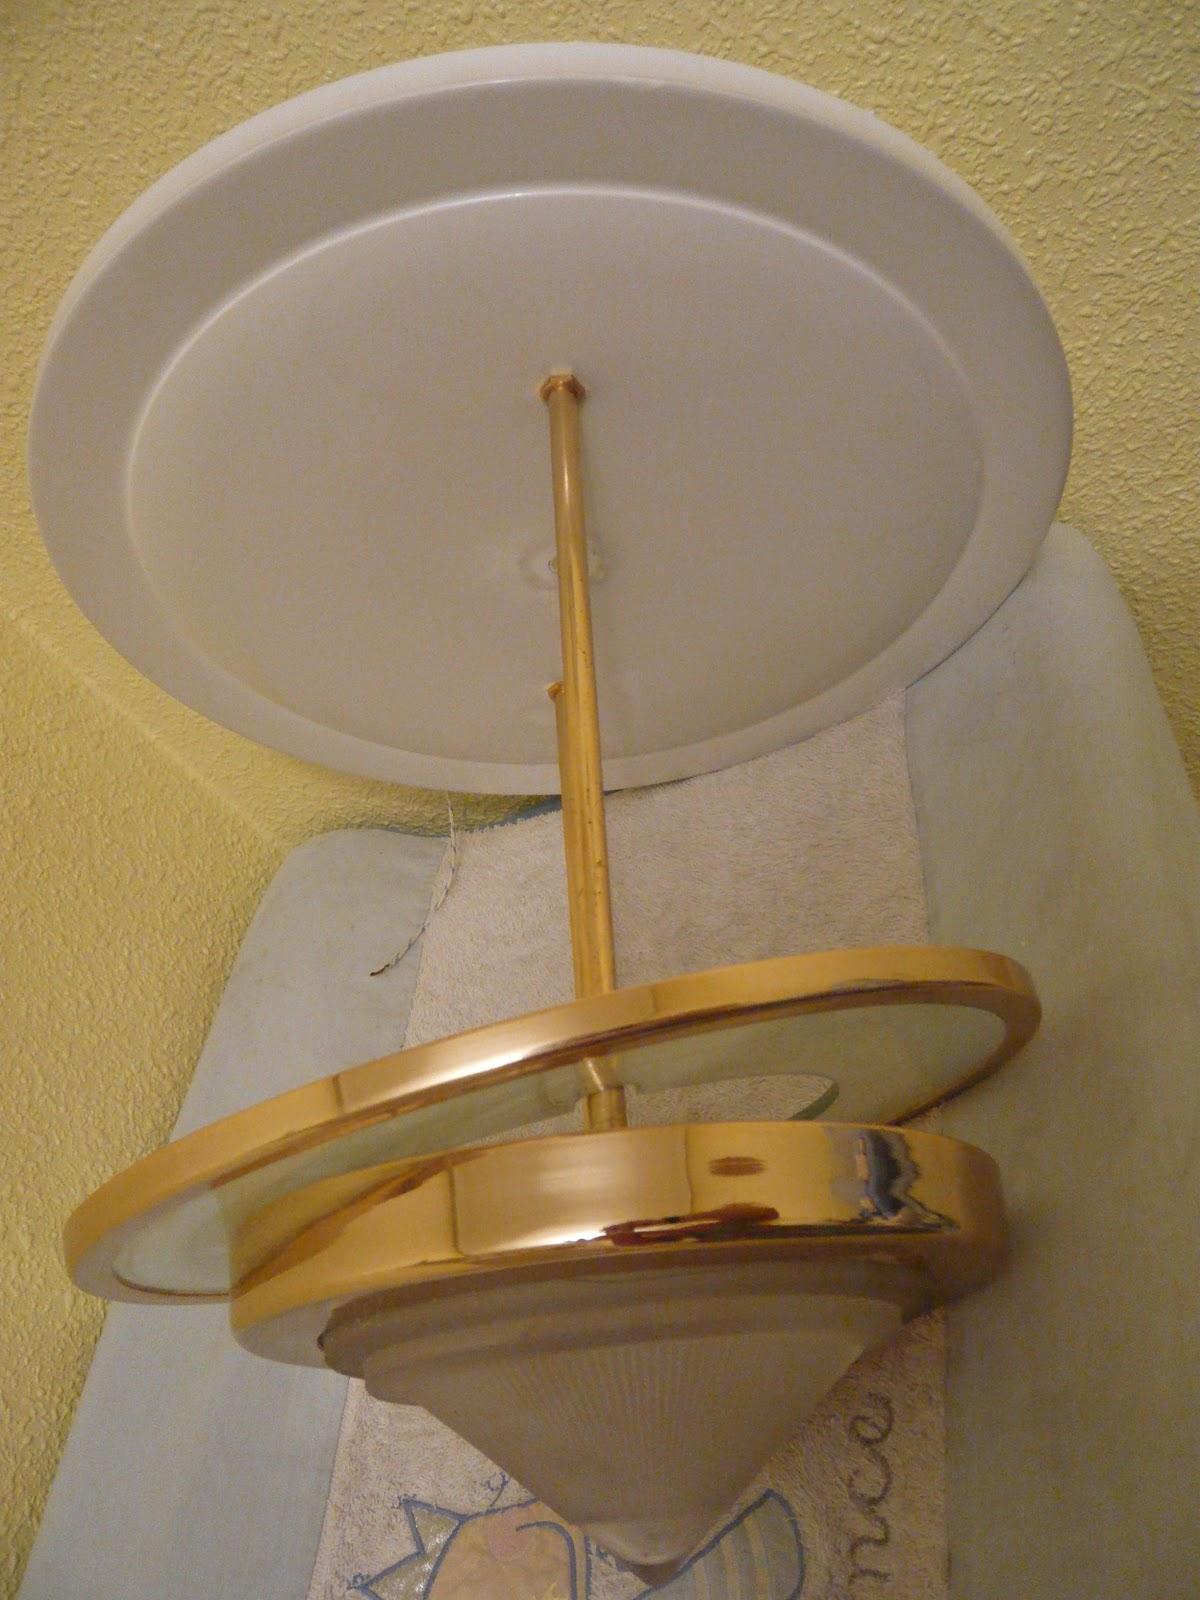 Te sobra te lo vendo decoraci n de hogar for Decoracion hogar 2012